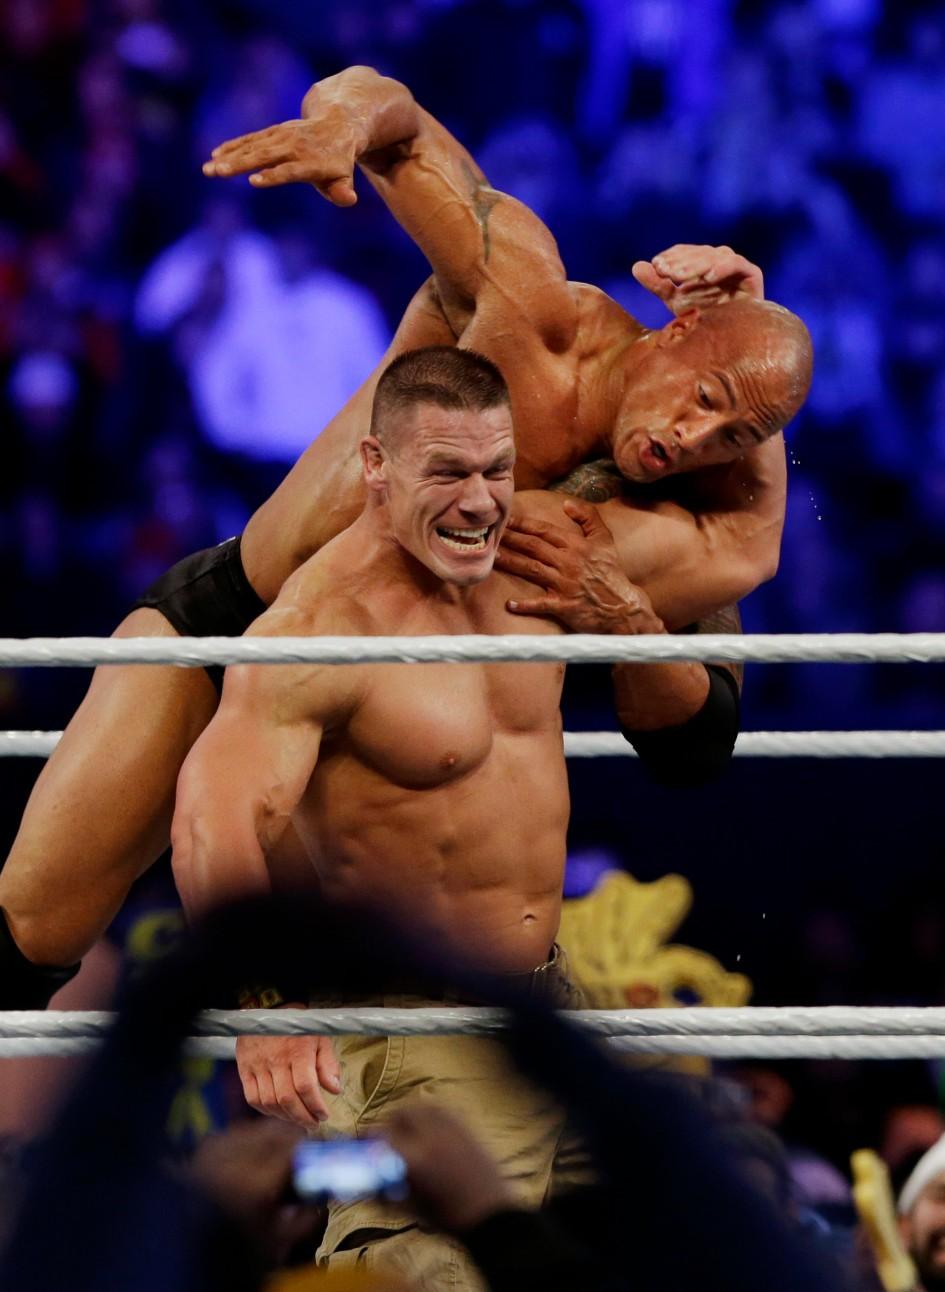 希南在 2013 年「摔角狂熱」中對上巨石強森